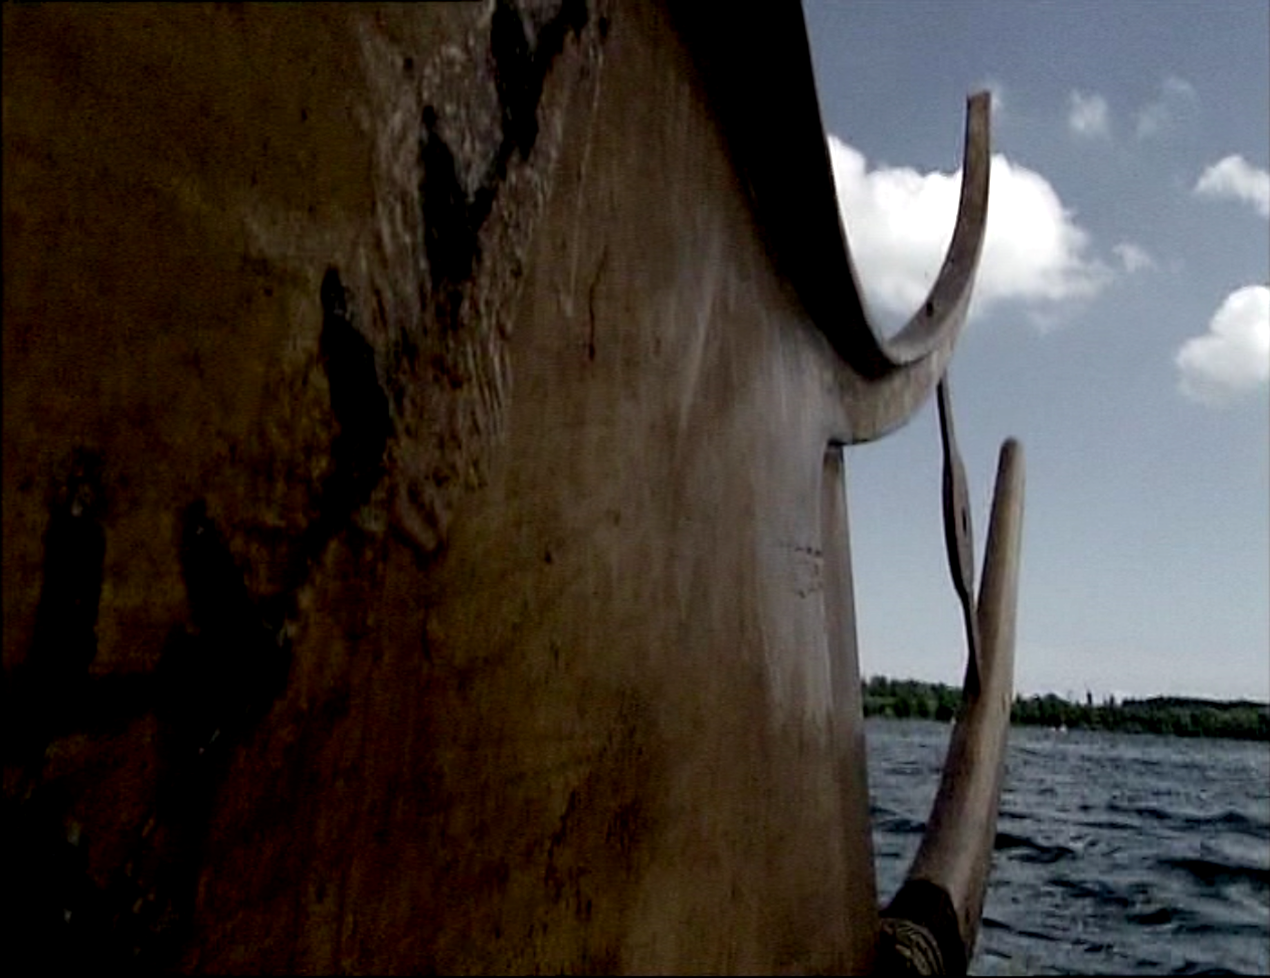 Et usædvanligt perspektiv af Tilia, med vores solsymbol mellem hornene.